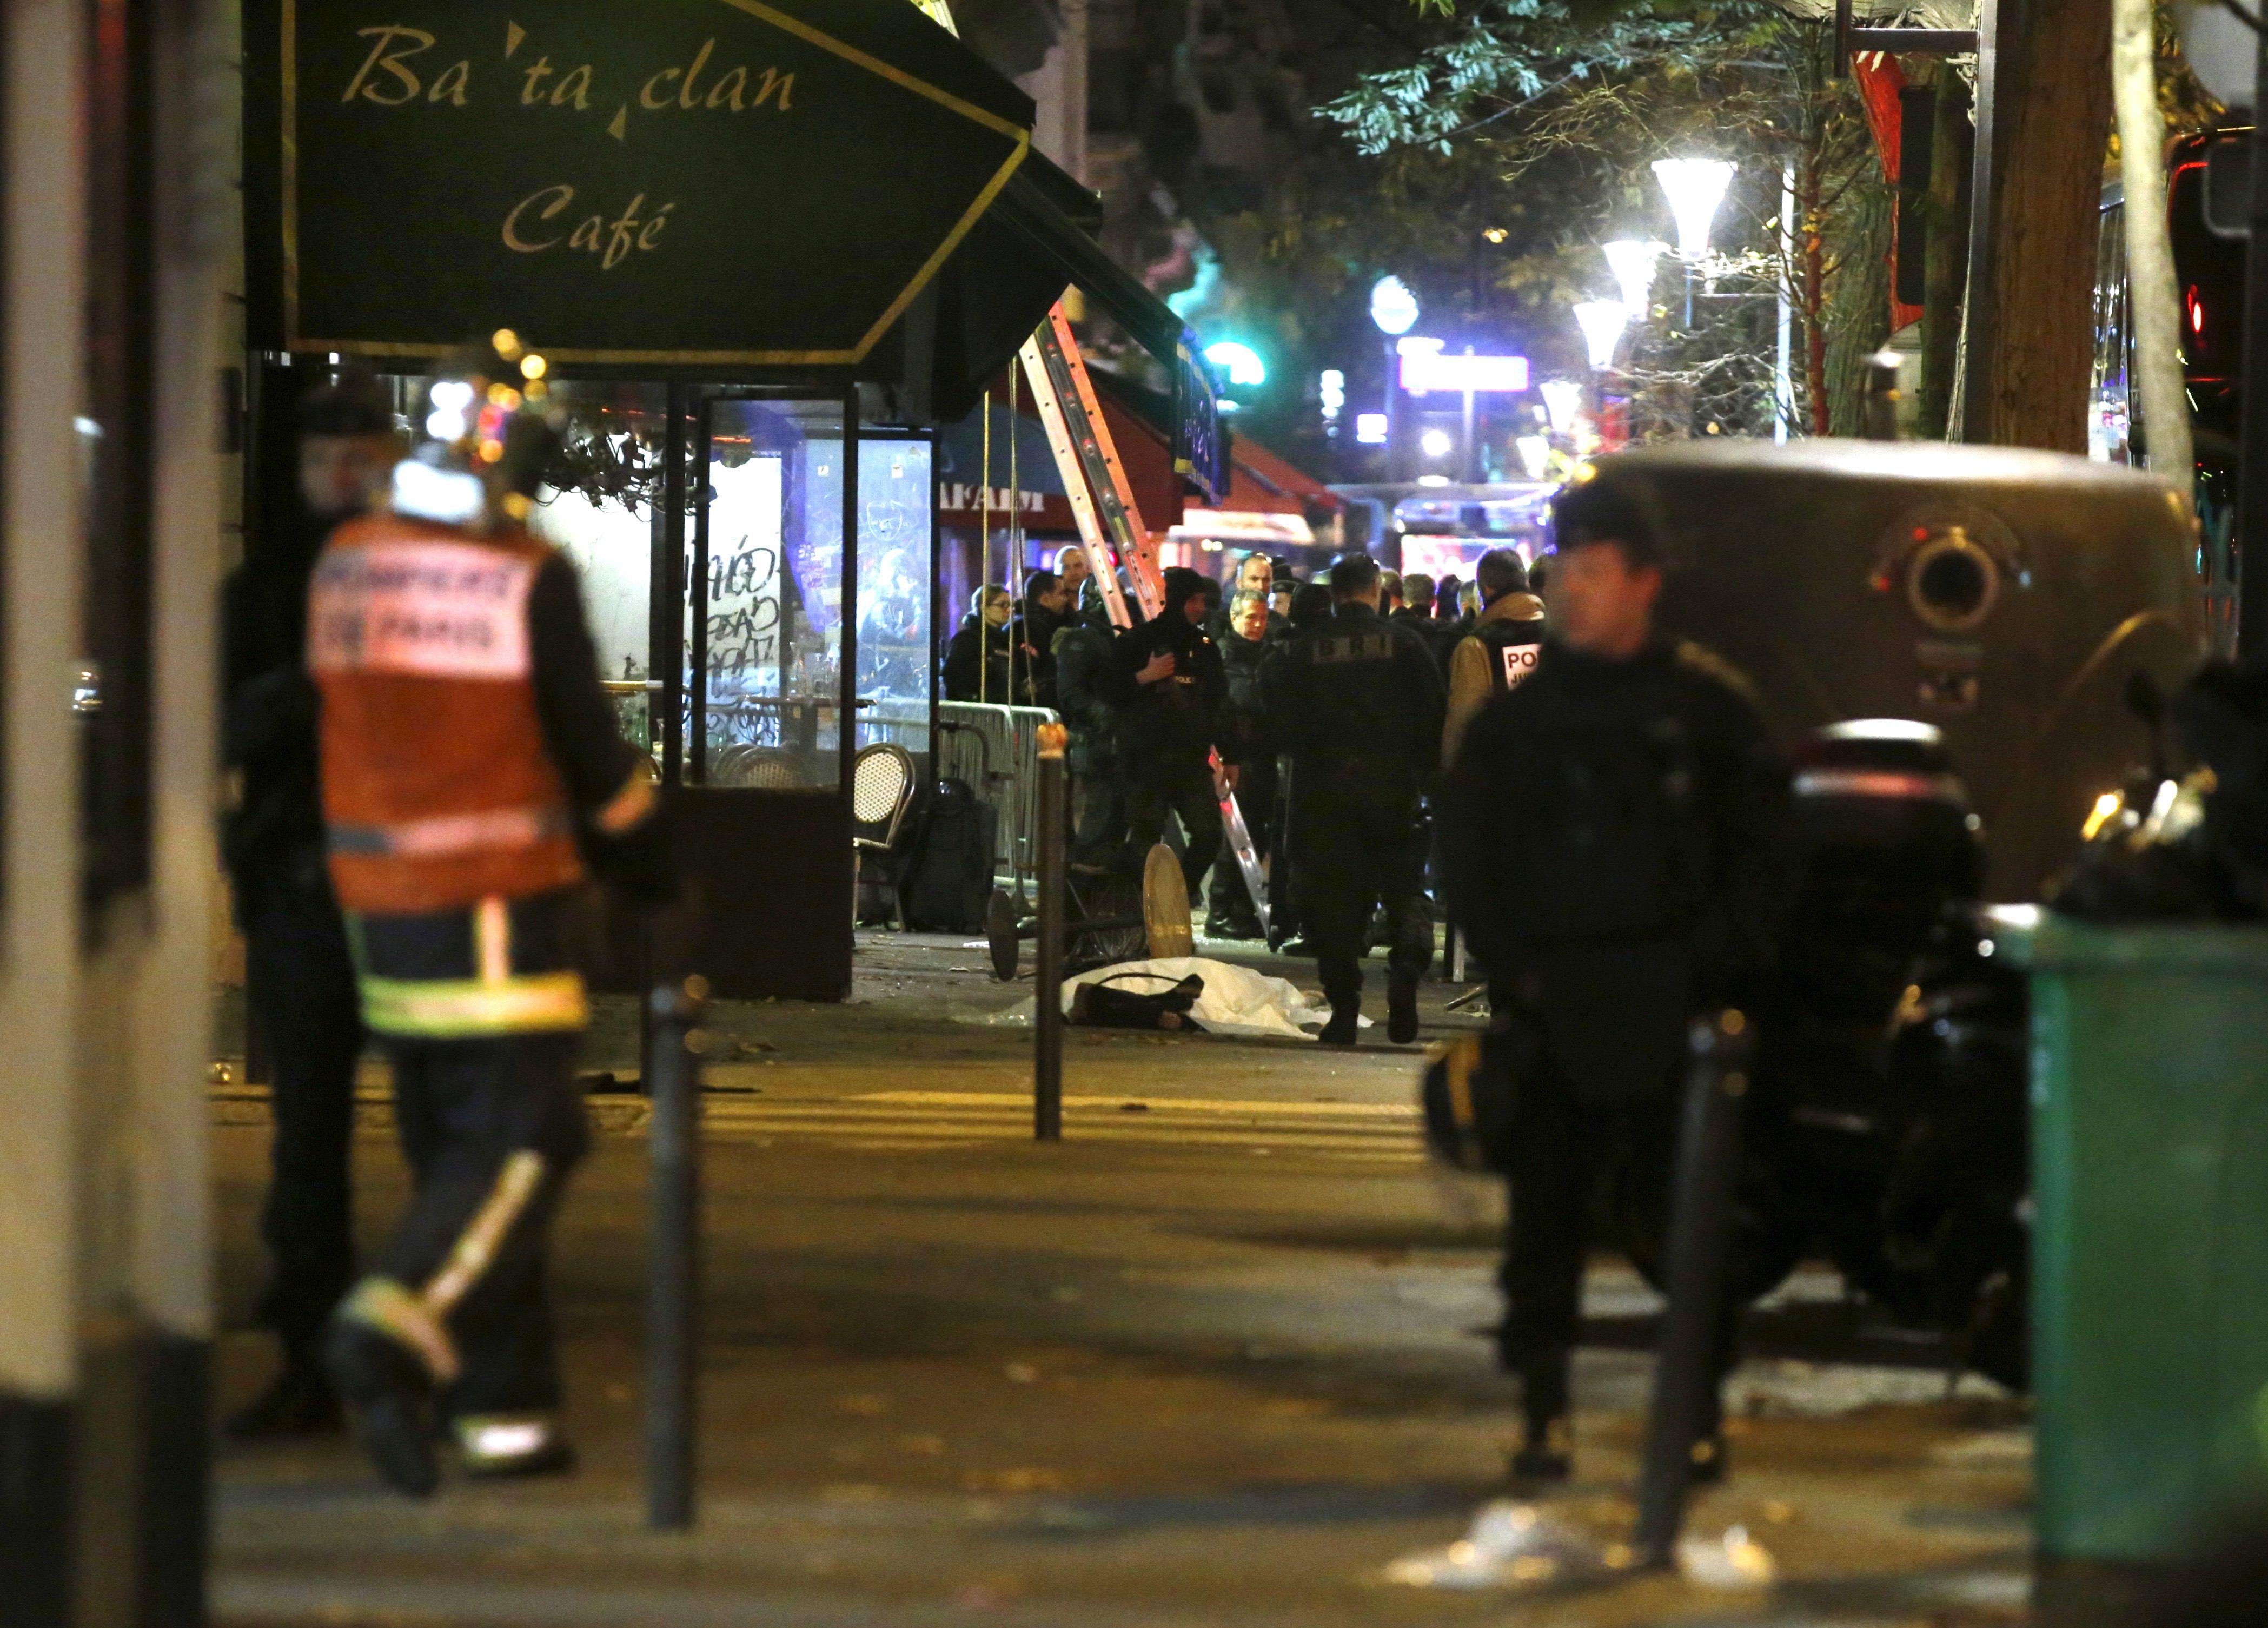 """Attentats de Paris : le commissaire de la BAC et son chauffeur qui ont tué un assaillant Bataclan très marqués, """"on glissait sur le sang et les corps"""""""